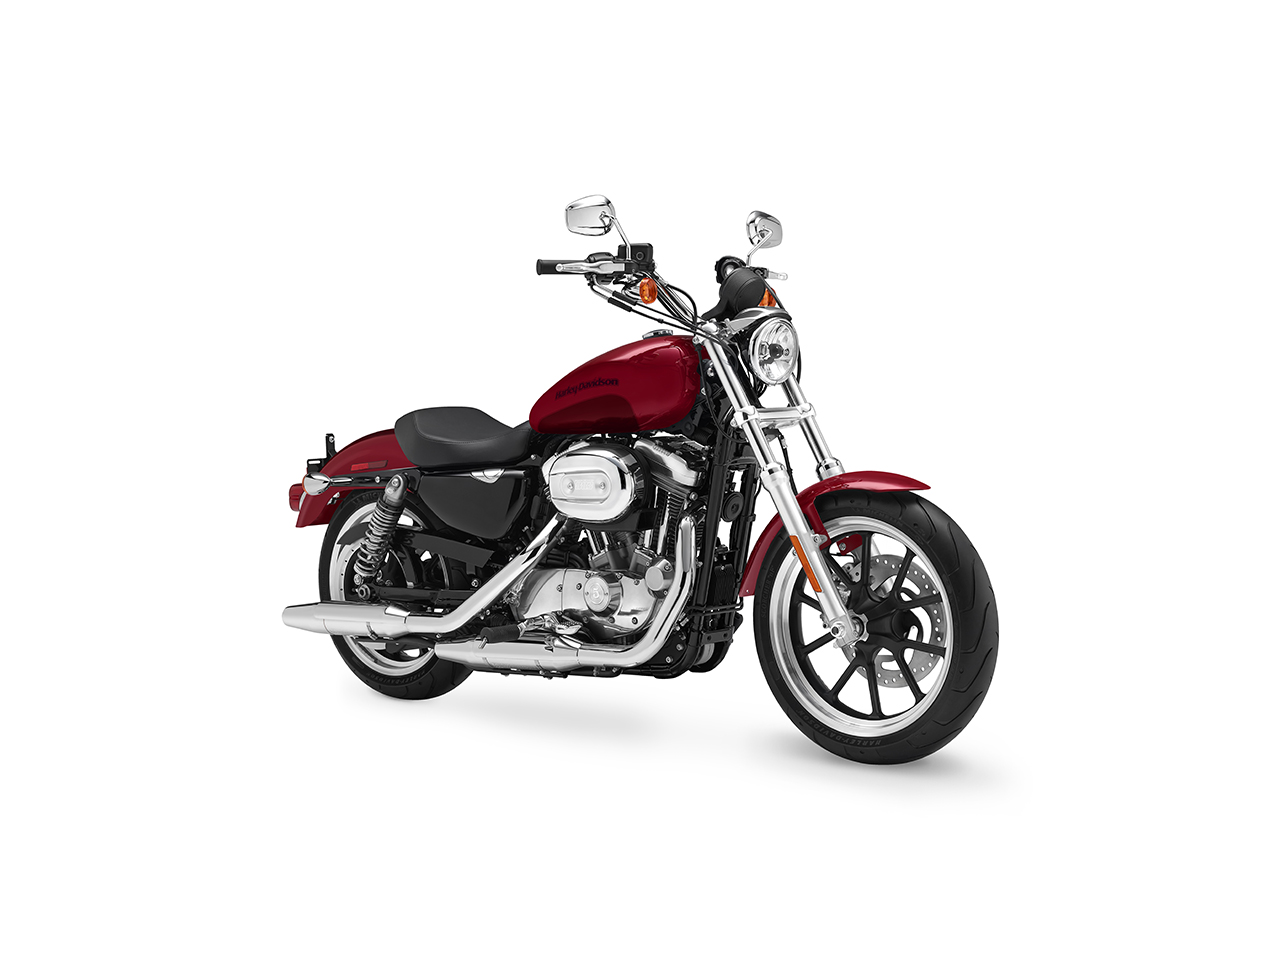 2018 Harley-Davidson Sportster SuperLow Image